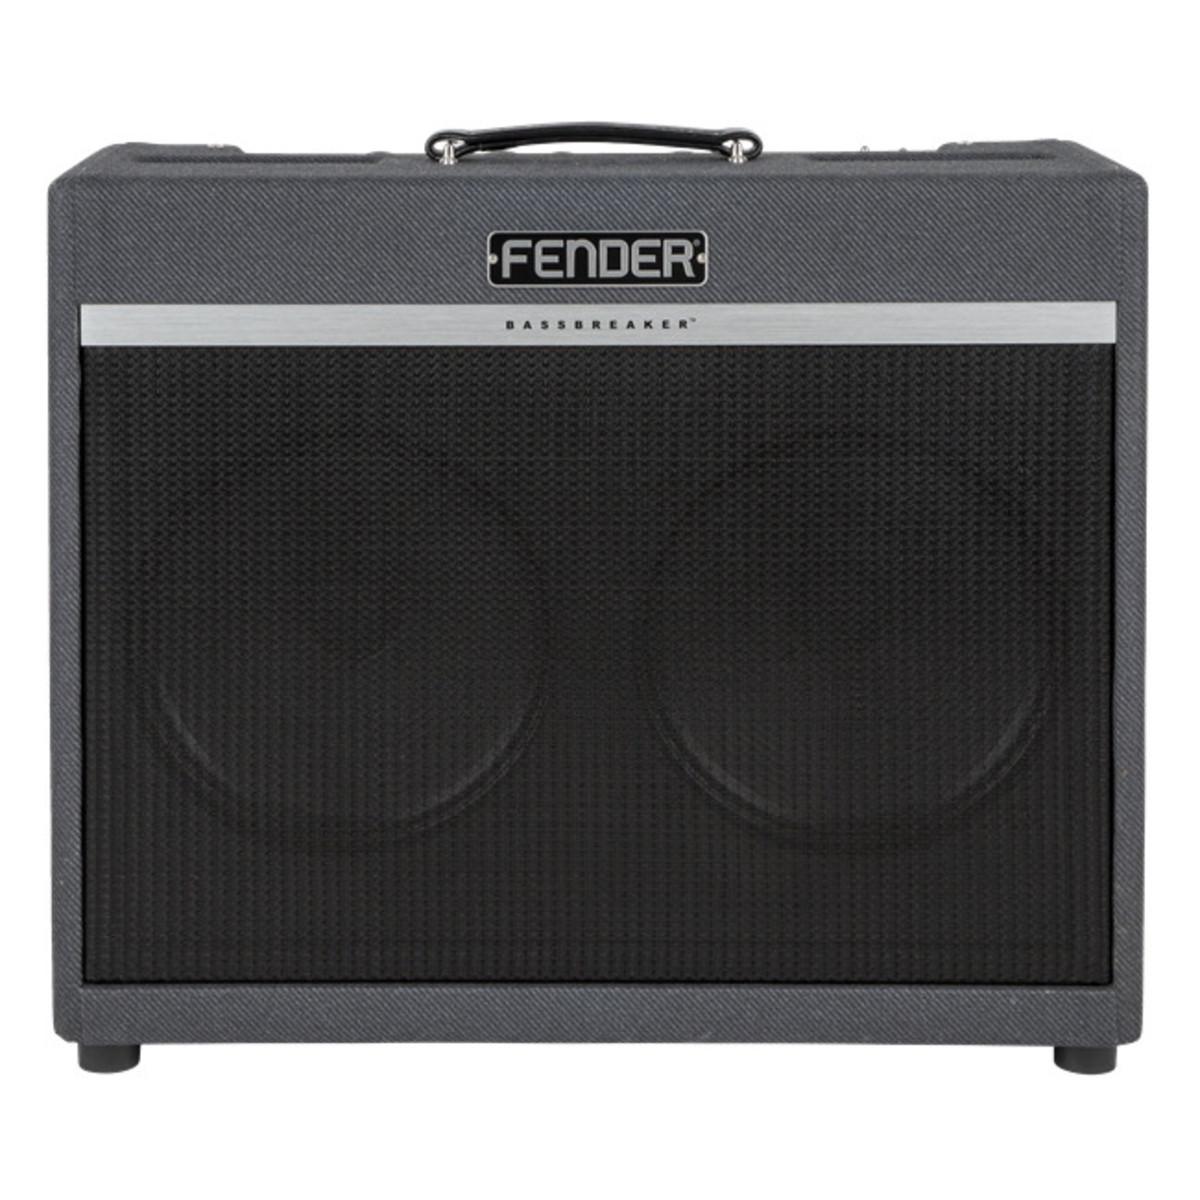 bassbreaker 1830 - Fender Bassbreaker 18/30 Combo